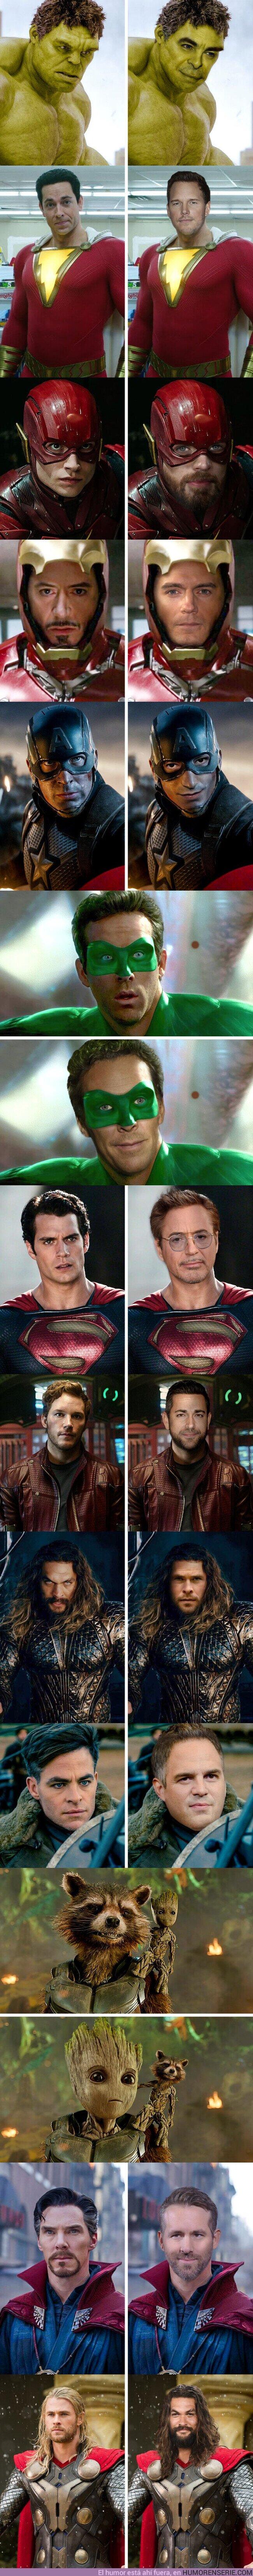 60776 - GALERÍA: Imaginamos cómo lucirían 12 superhéroes de Marvel y DC si intercambiaran papeles